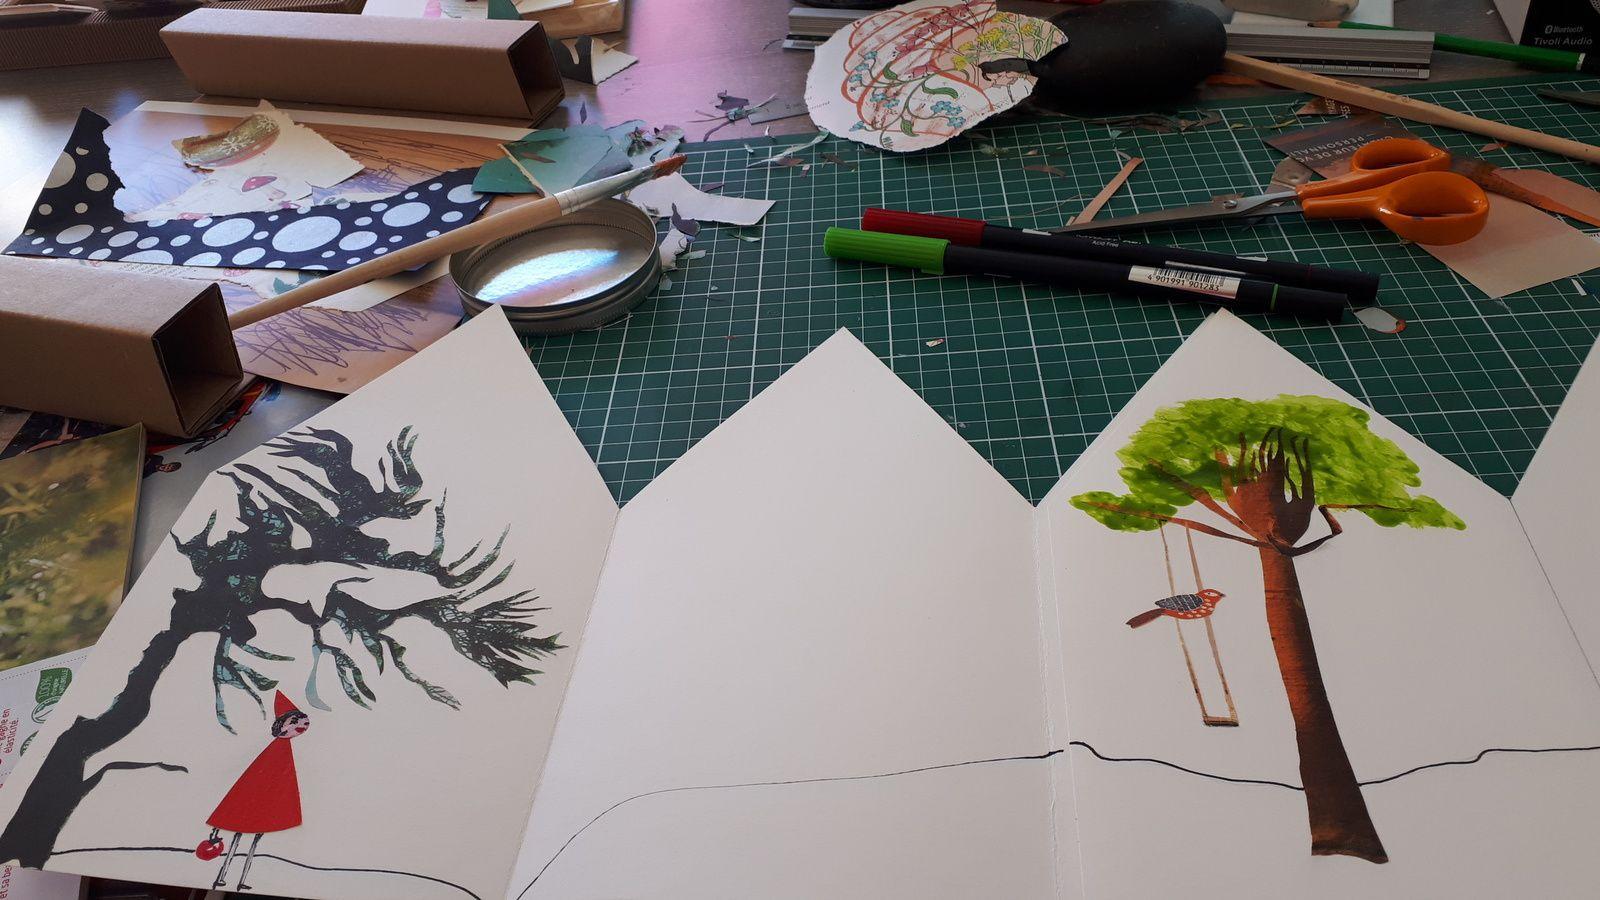 Les Collages d'eMmA MessanA, 13 septembre 2019 à l'atelier, suite de la création du nouveau livre-accordéon maison...